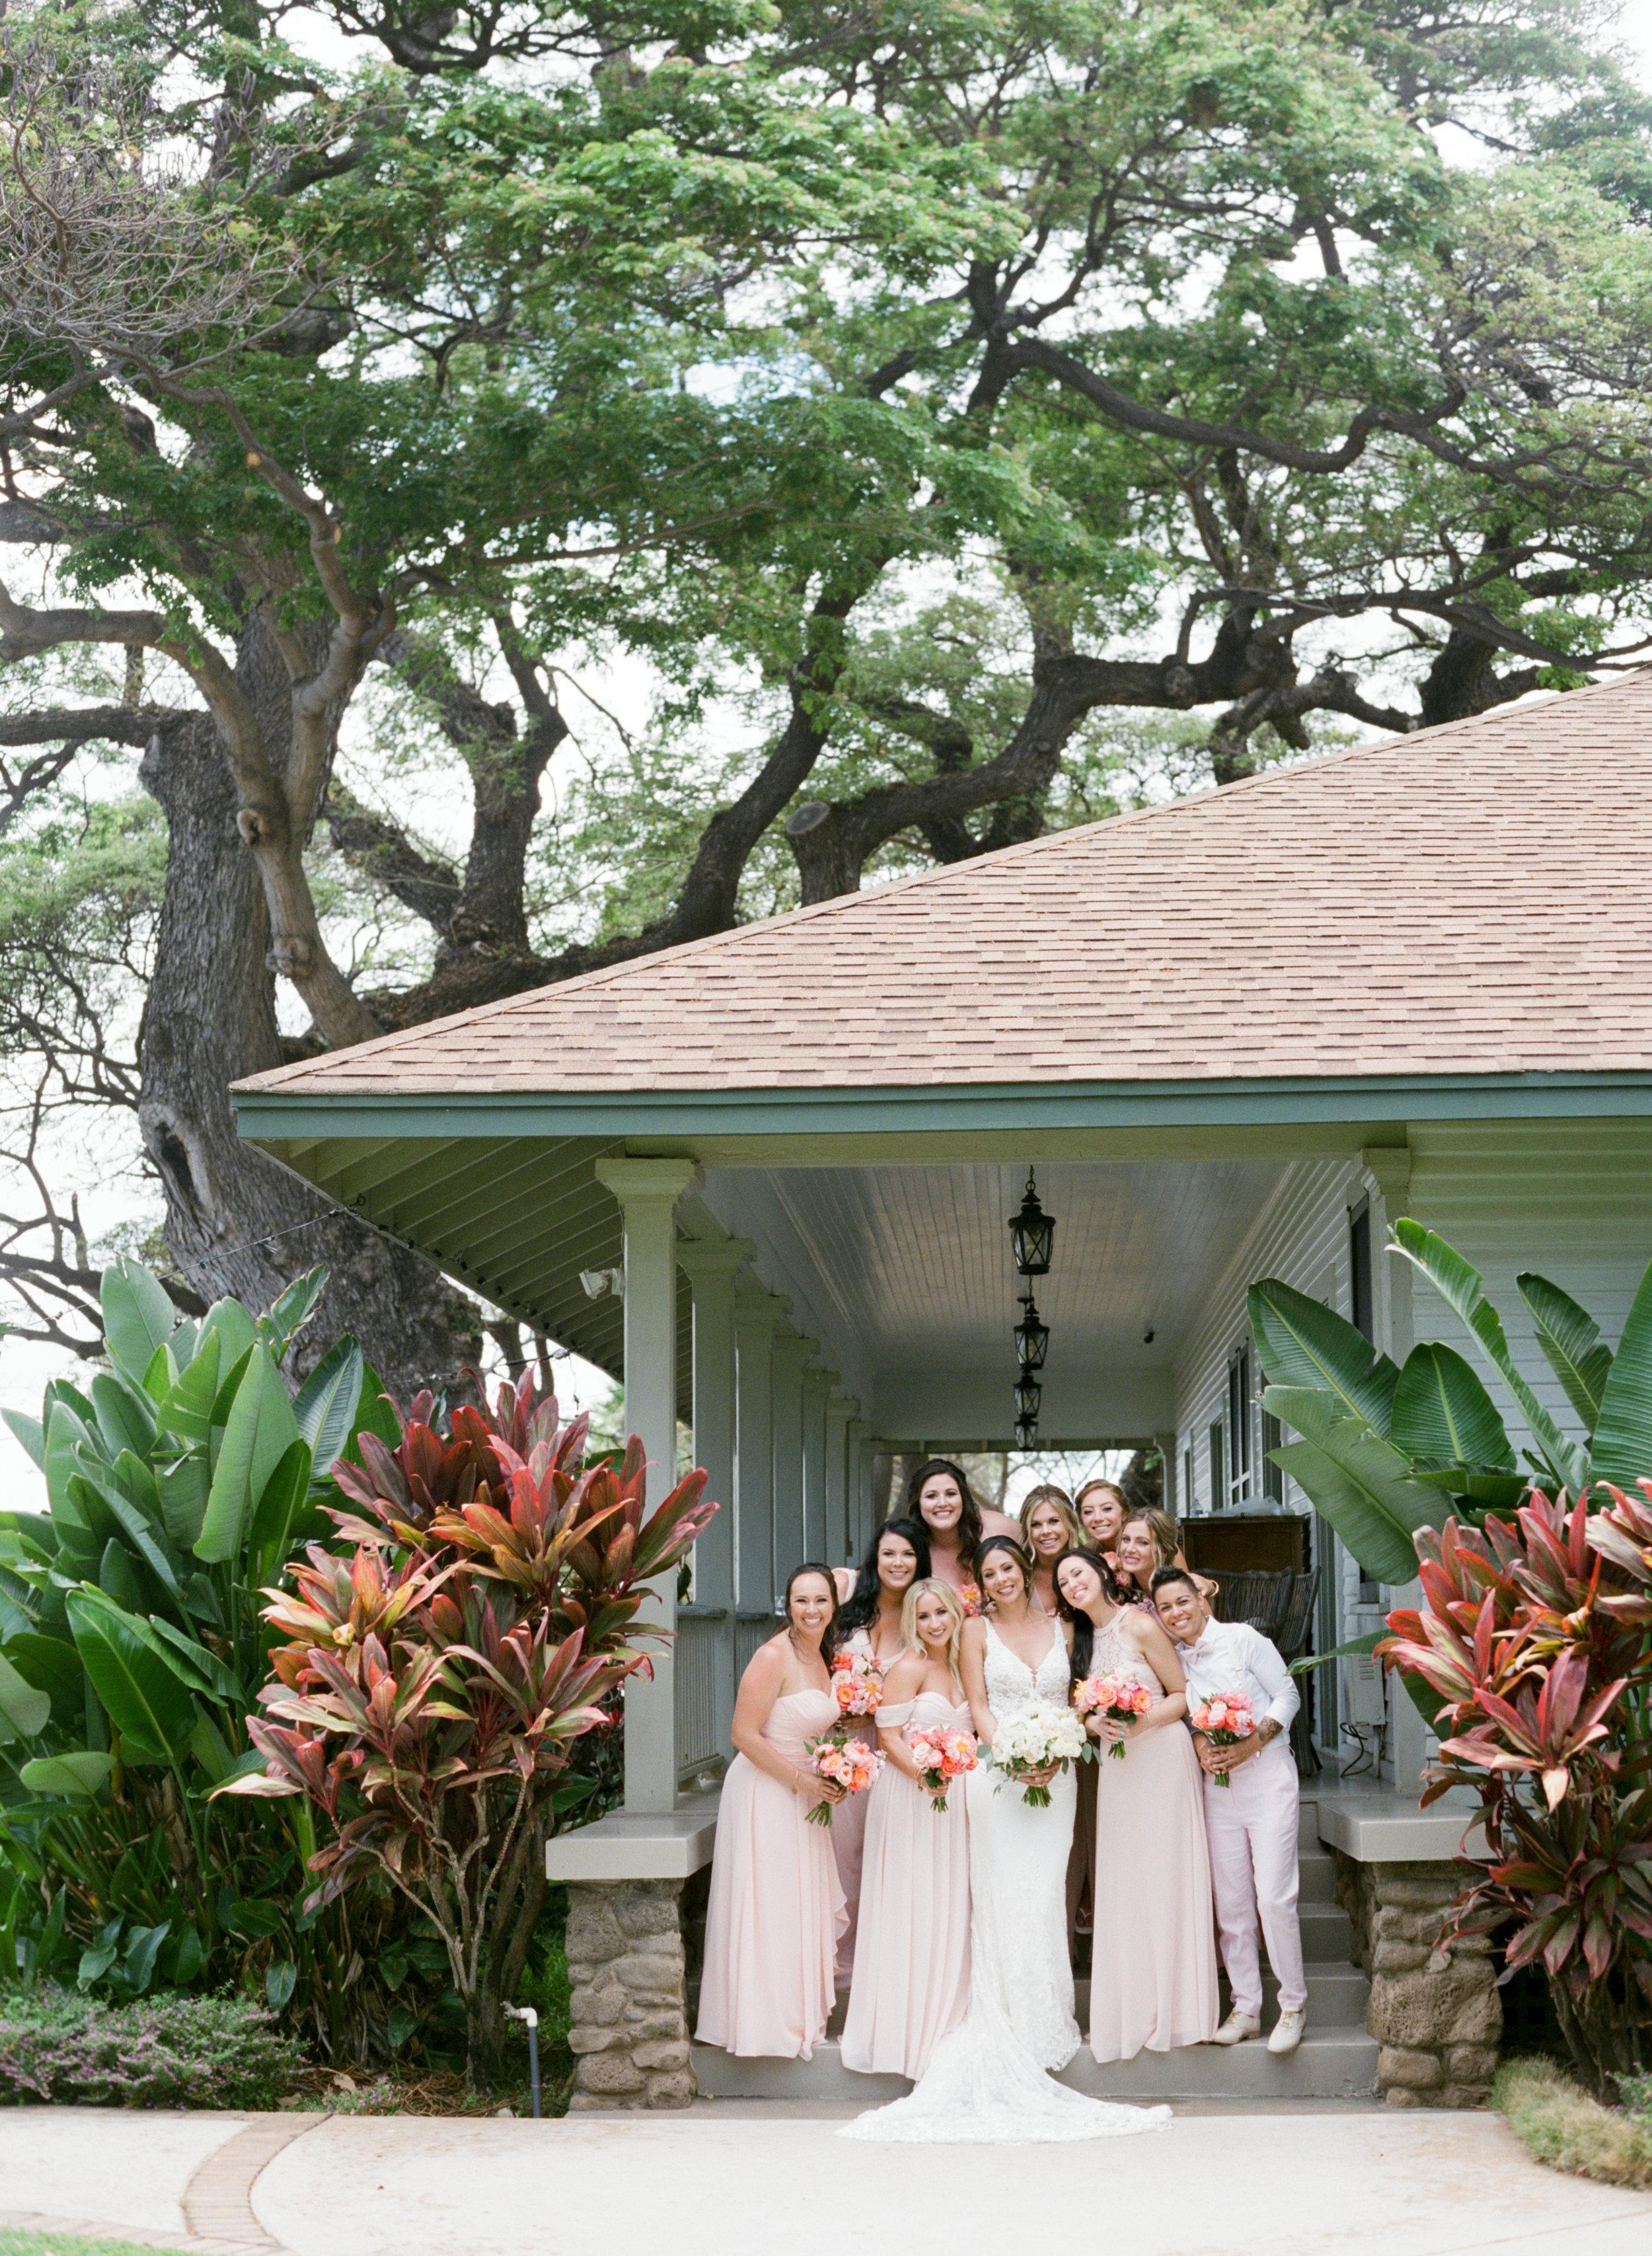 Olowalu-plantation-house-maui-hawaii-wedding-93.jpg